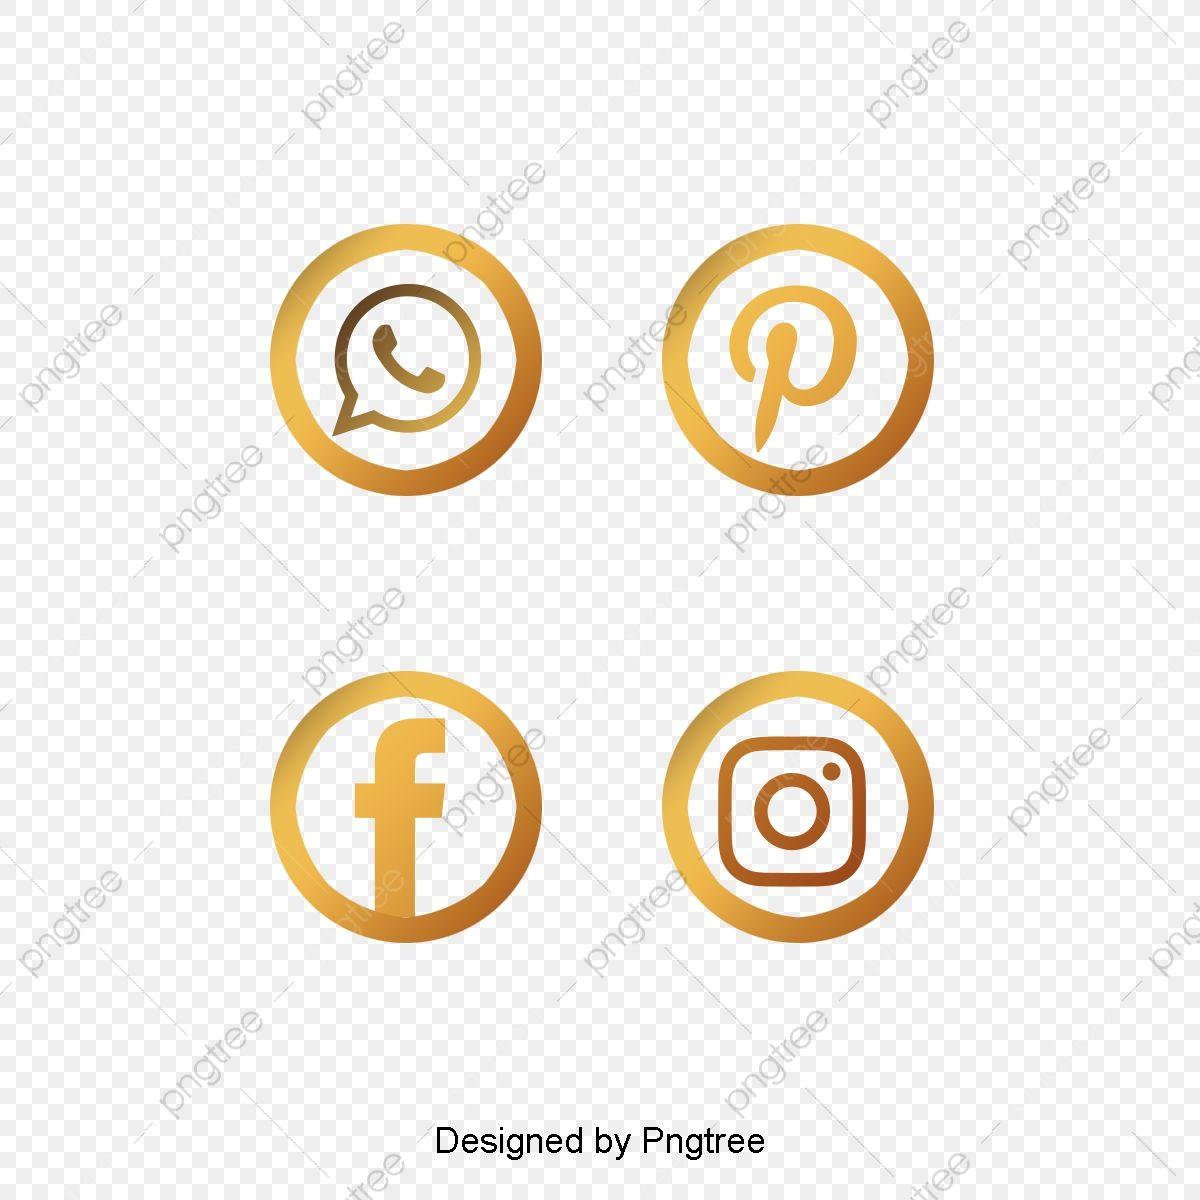 Iconos Sociales De Pincel De Oro Vector Png Oro Icono Dorado Png Y Psd Para Descargar Gratis Pngtree Social Icons Social Media Icons Funny Art